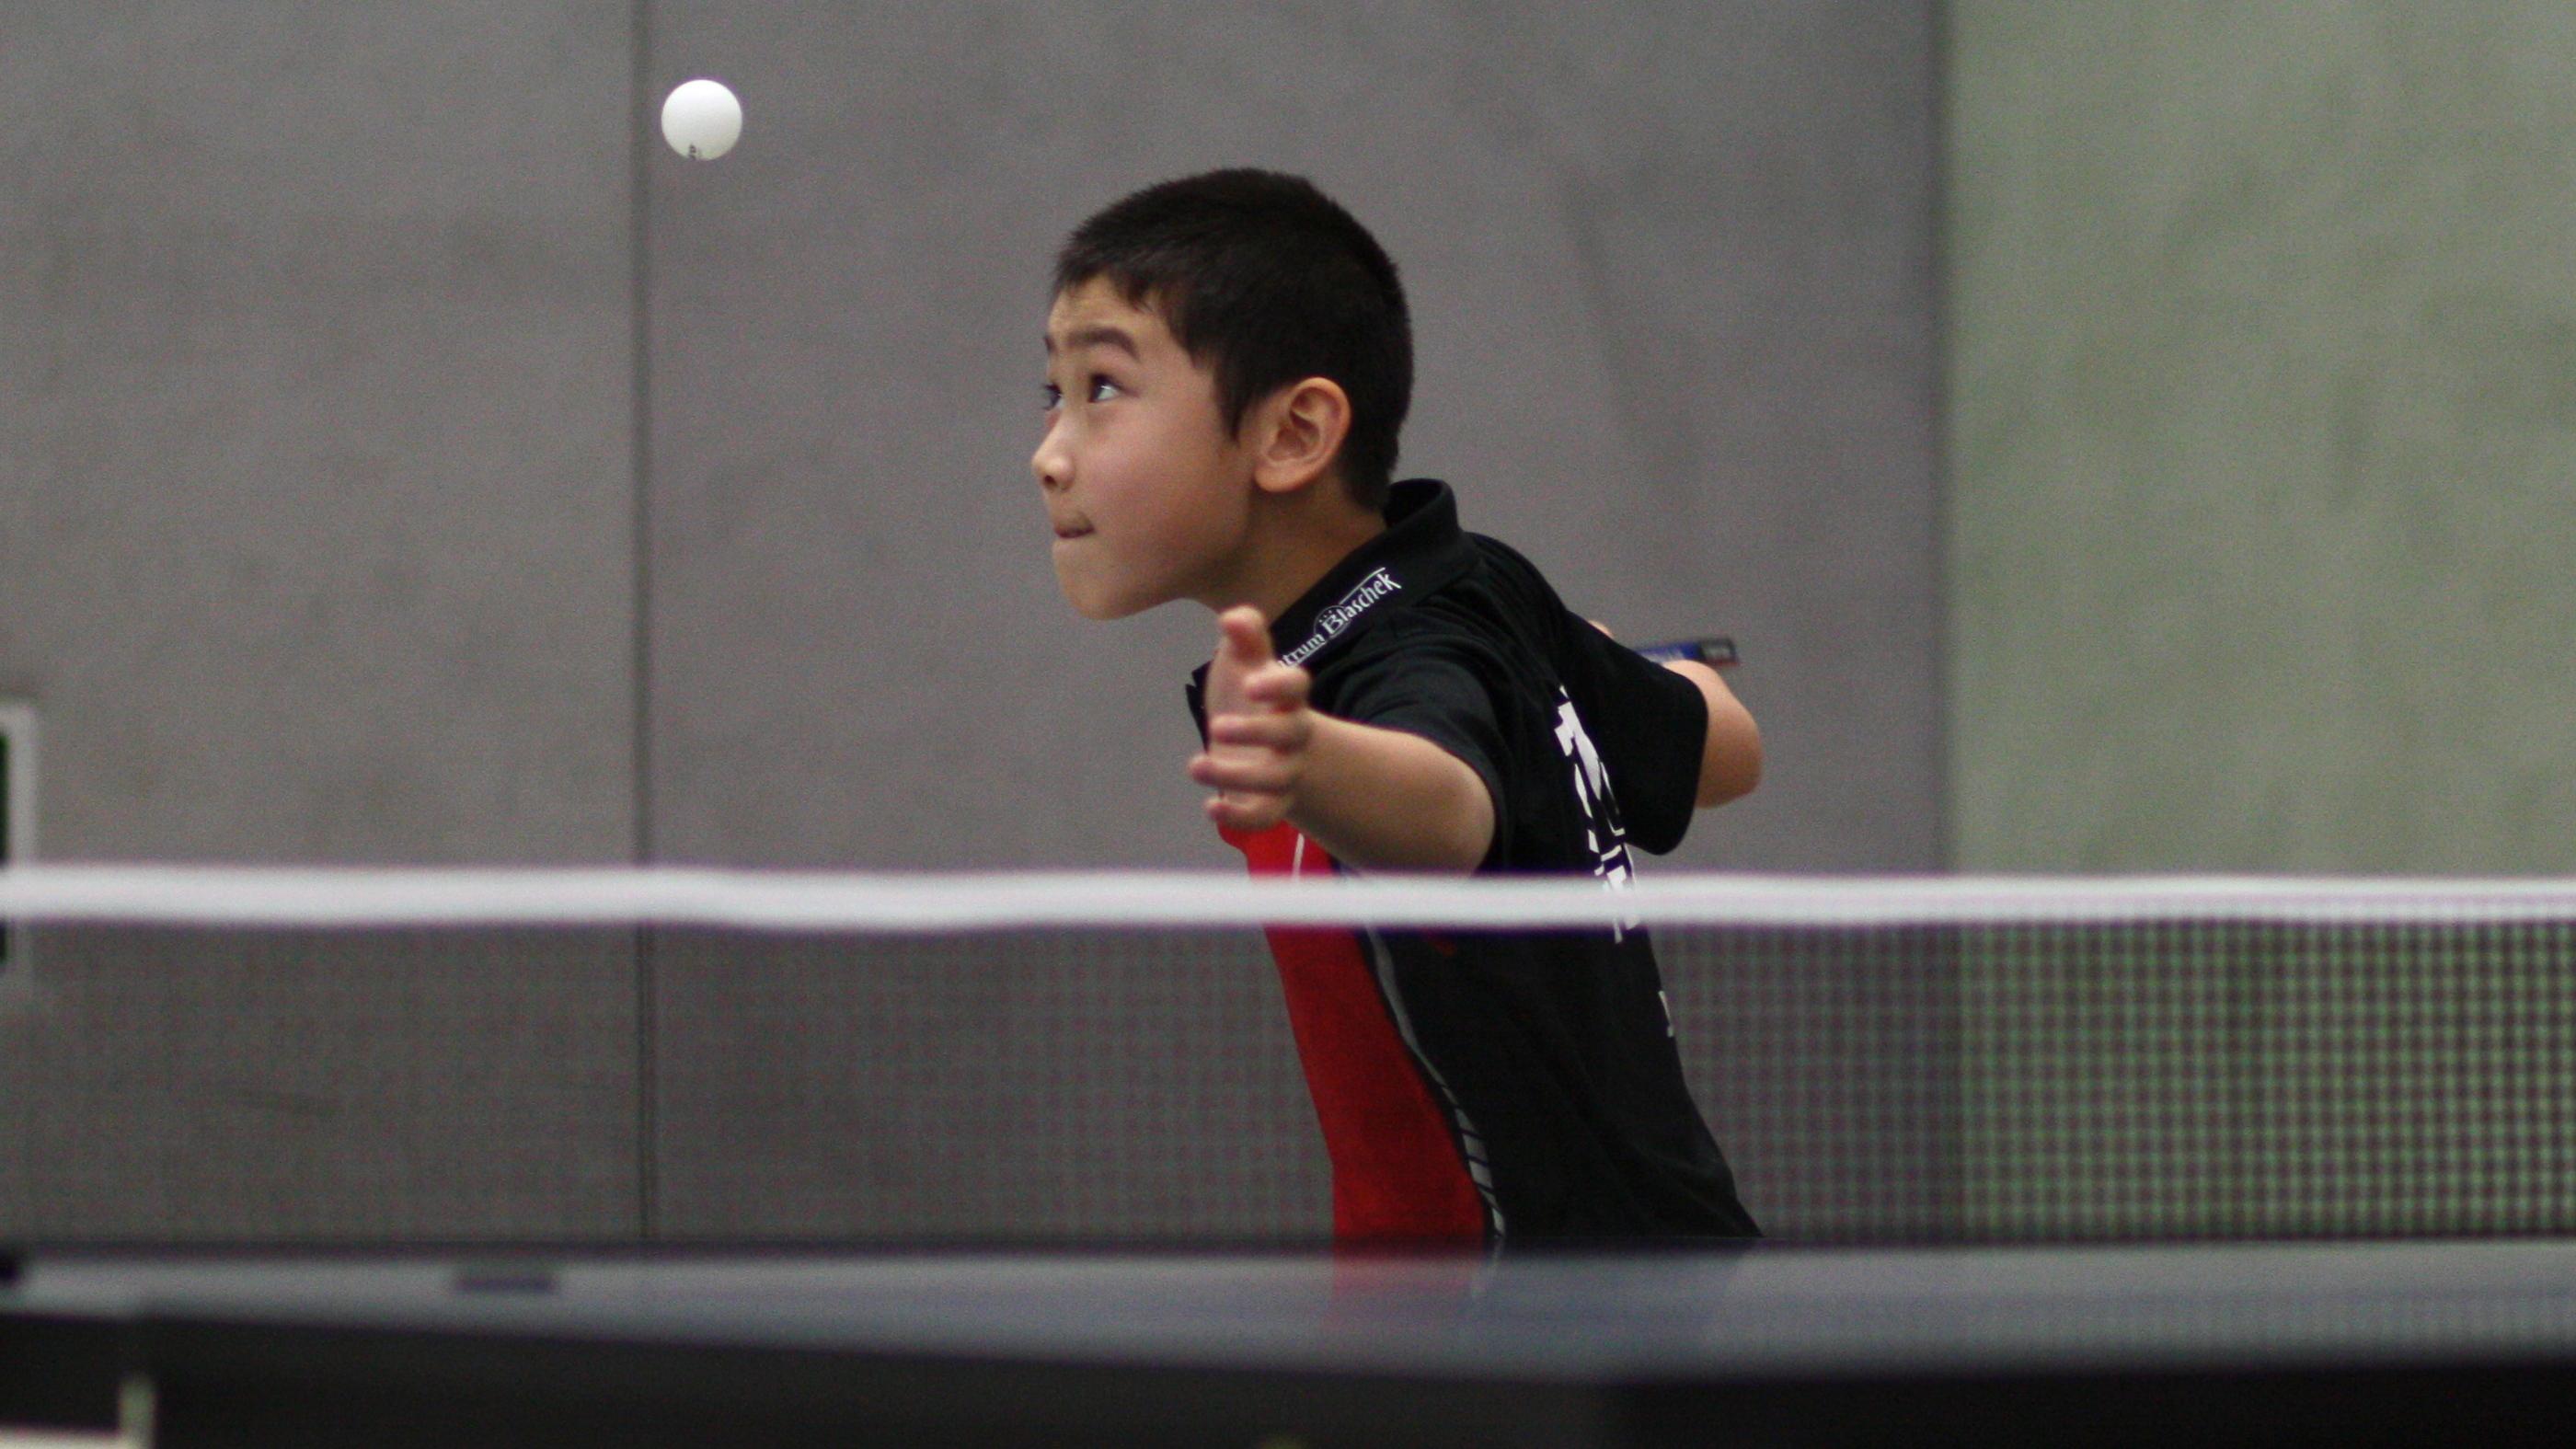 Nach nur einem Jahr Tischtennis zeigte Jiayu eine beeindruckende Leistung, sowohl im Einzel als auch im Doppel.